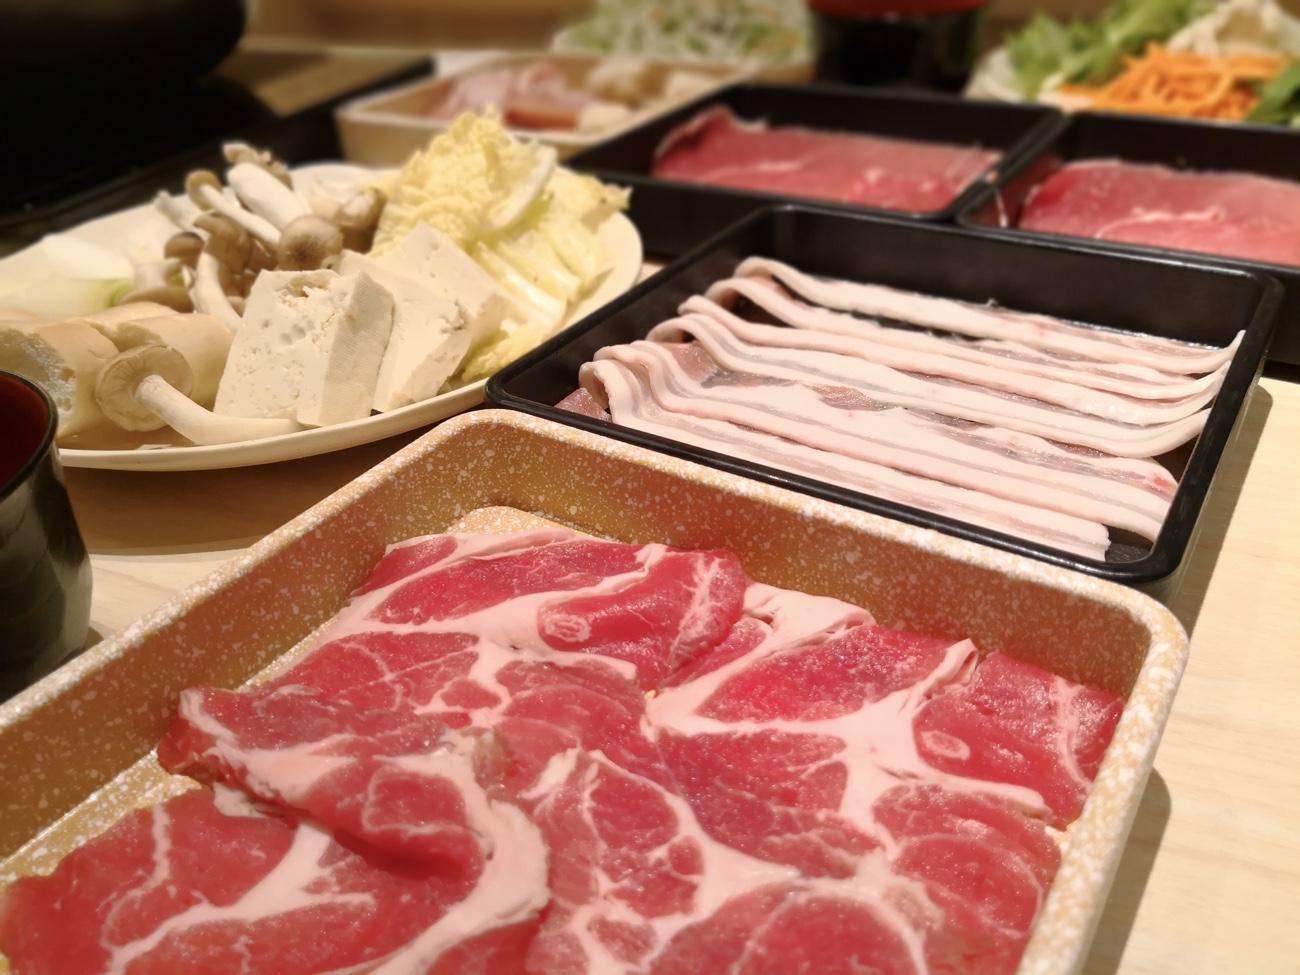 横浜西口 しゃぶしゃぶドレミ しゃぶしゃぶ食べ放題